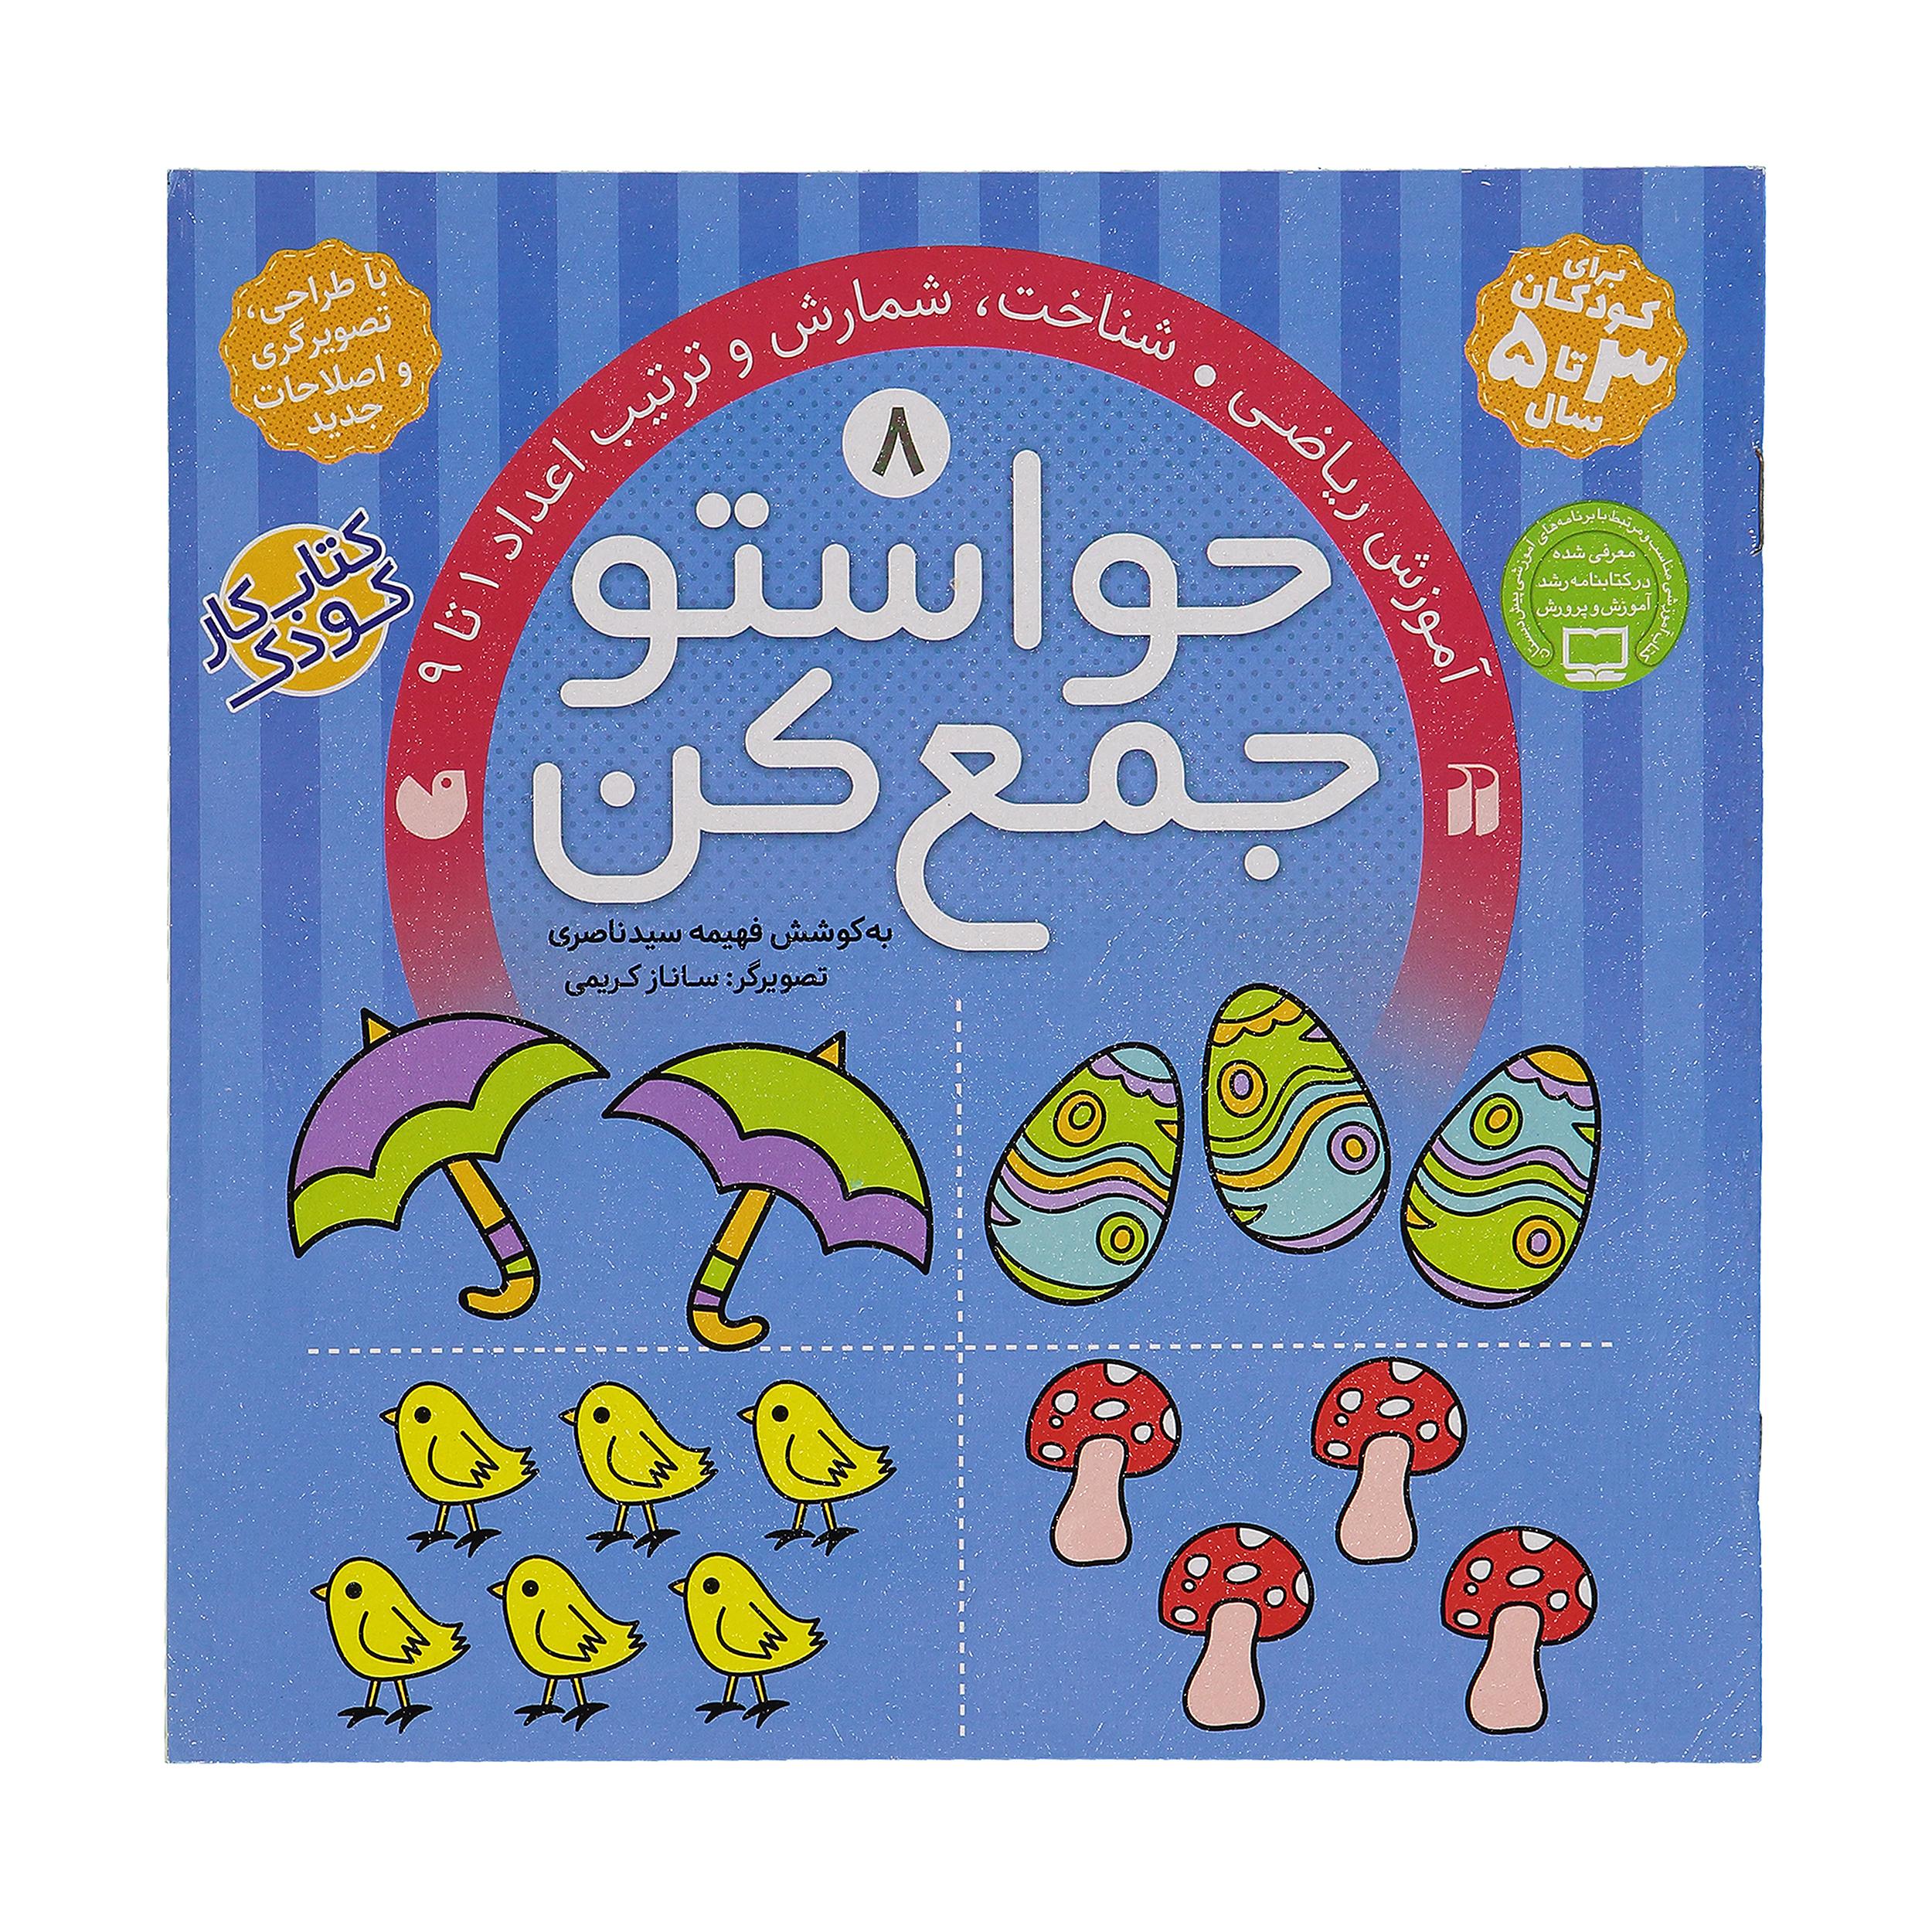 کتاب حواستو جمع کن 8، شناخت اعداد 1 تا 9 اثر فهیمه سیدناصری